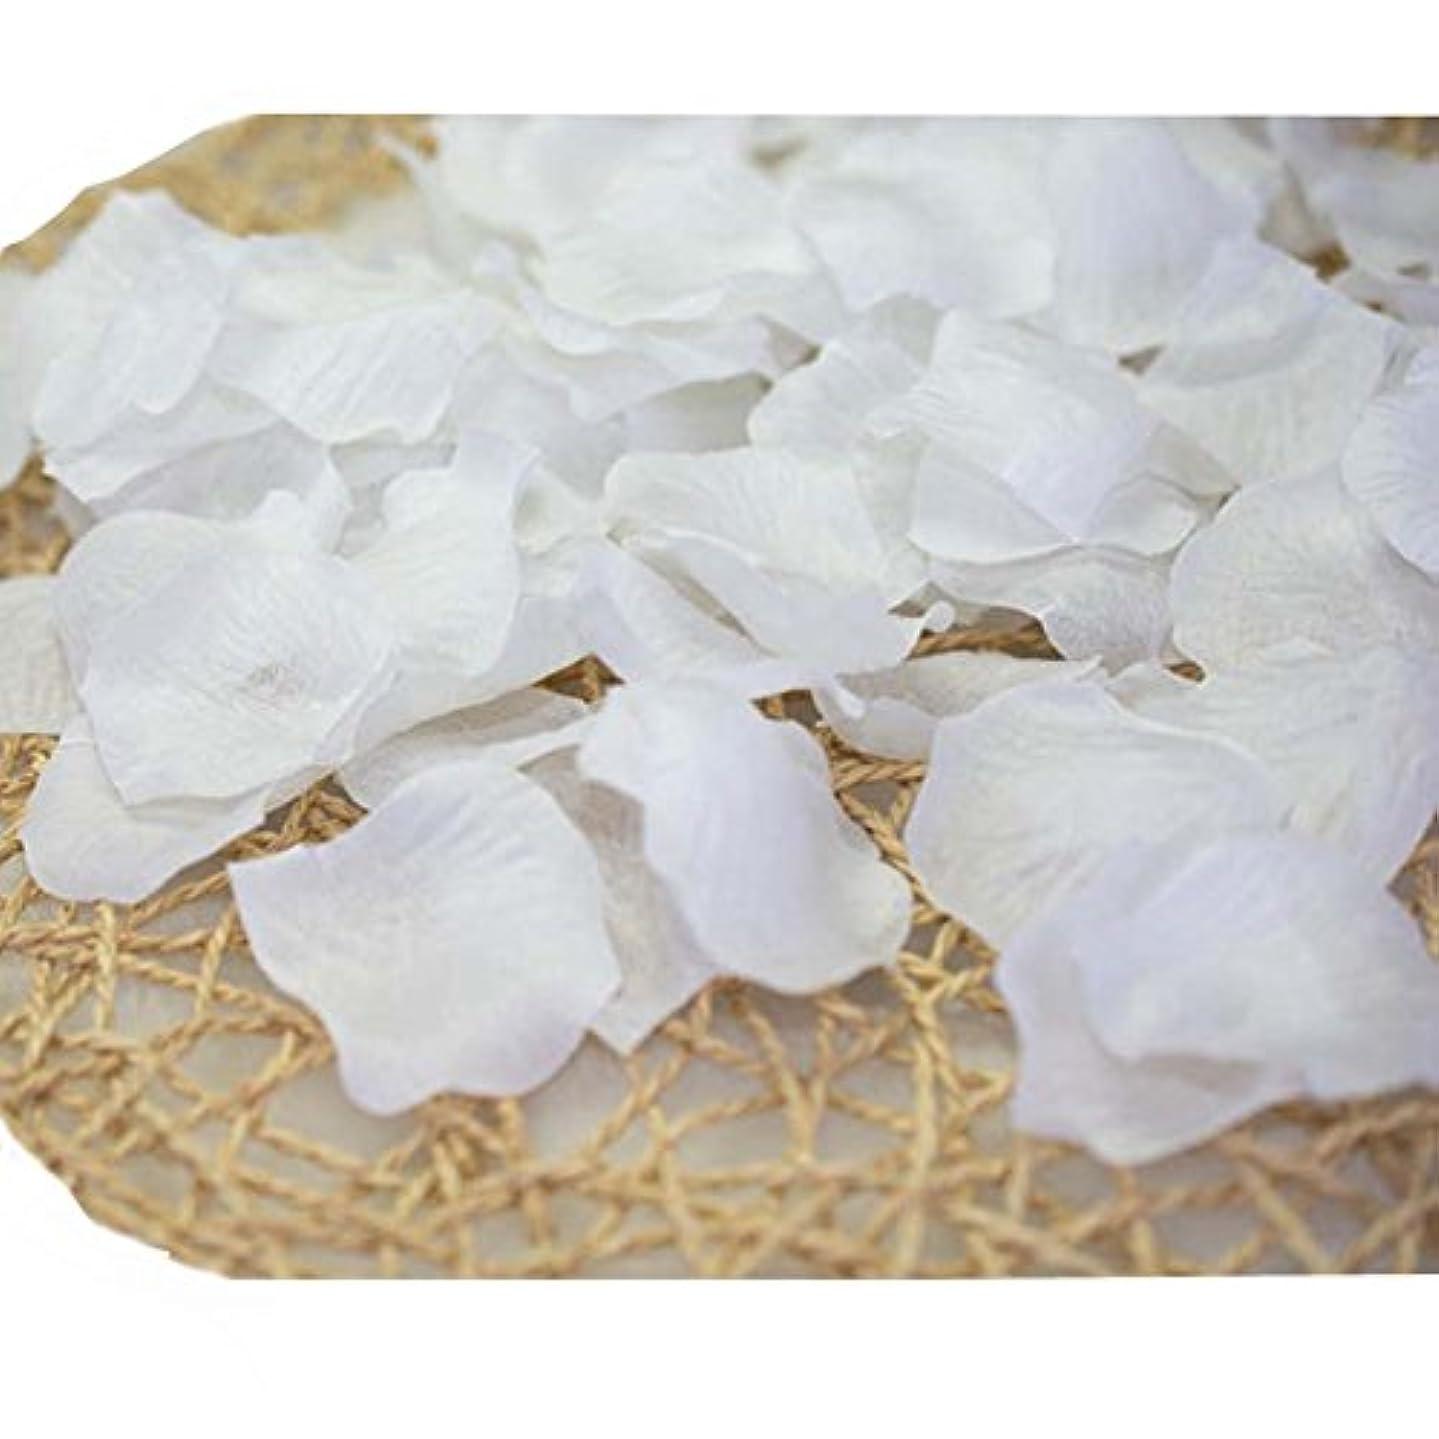 のために歴史家親結婚式のための人工花びら白840のセット